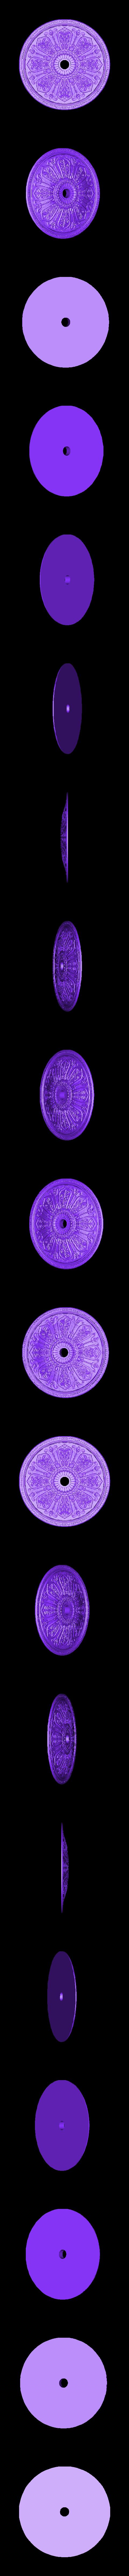 38.obj Télécharger fichier OBJ gratuit Moulures vintage pour vieux appartements classiques cnc art machine à router 3D printed • Modèle à imprimer en 3D, 3DPrinterFiles